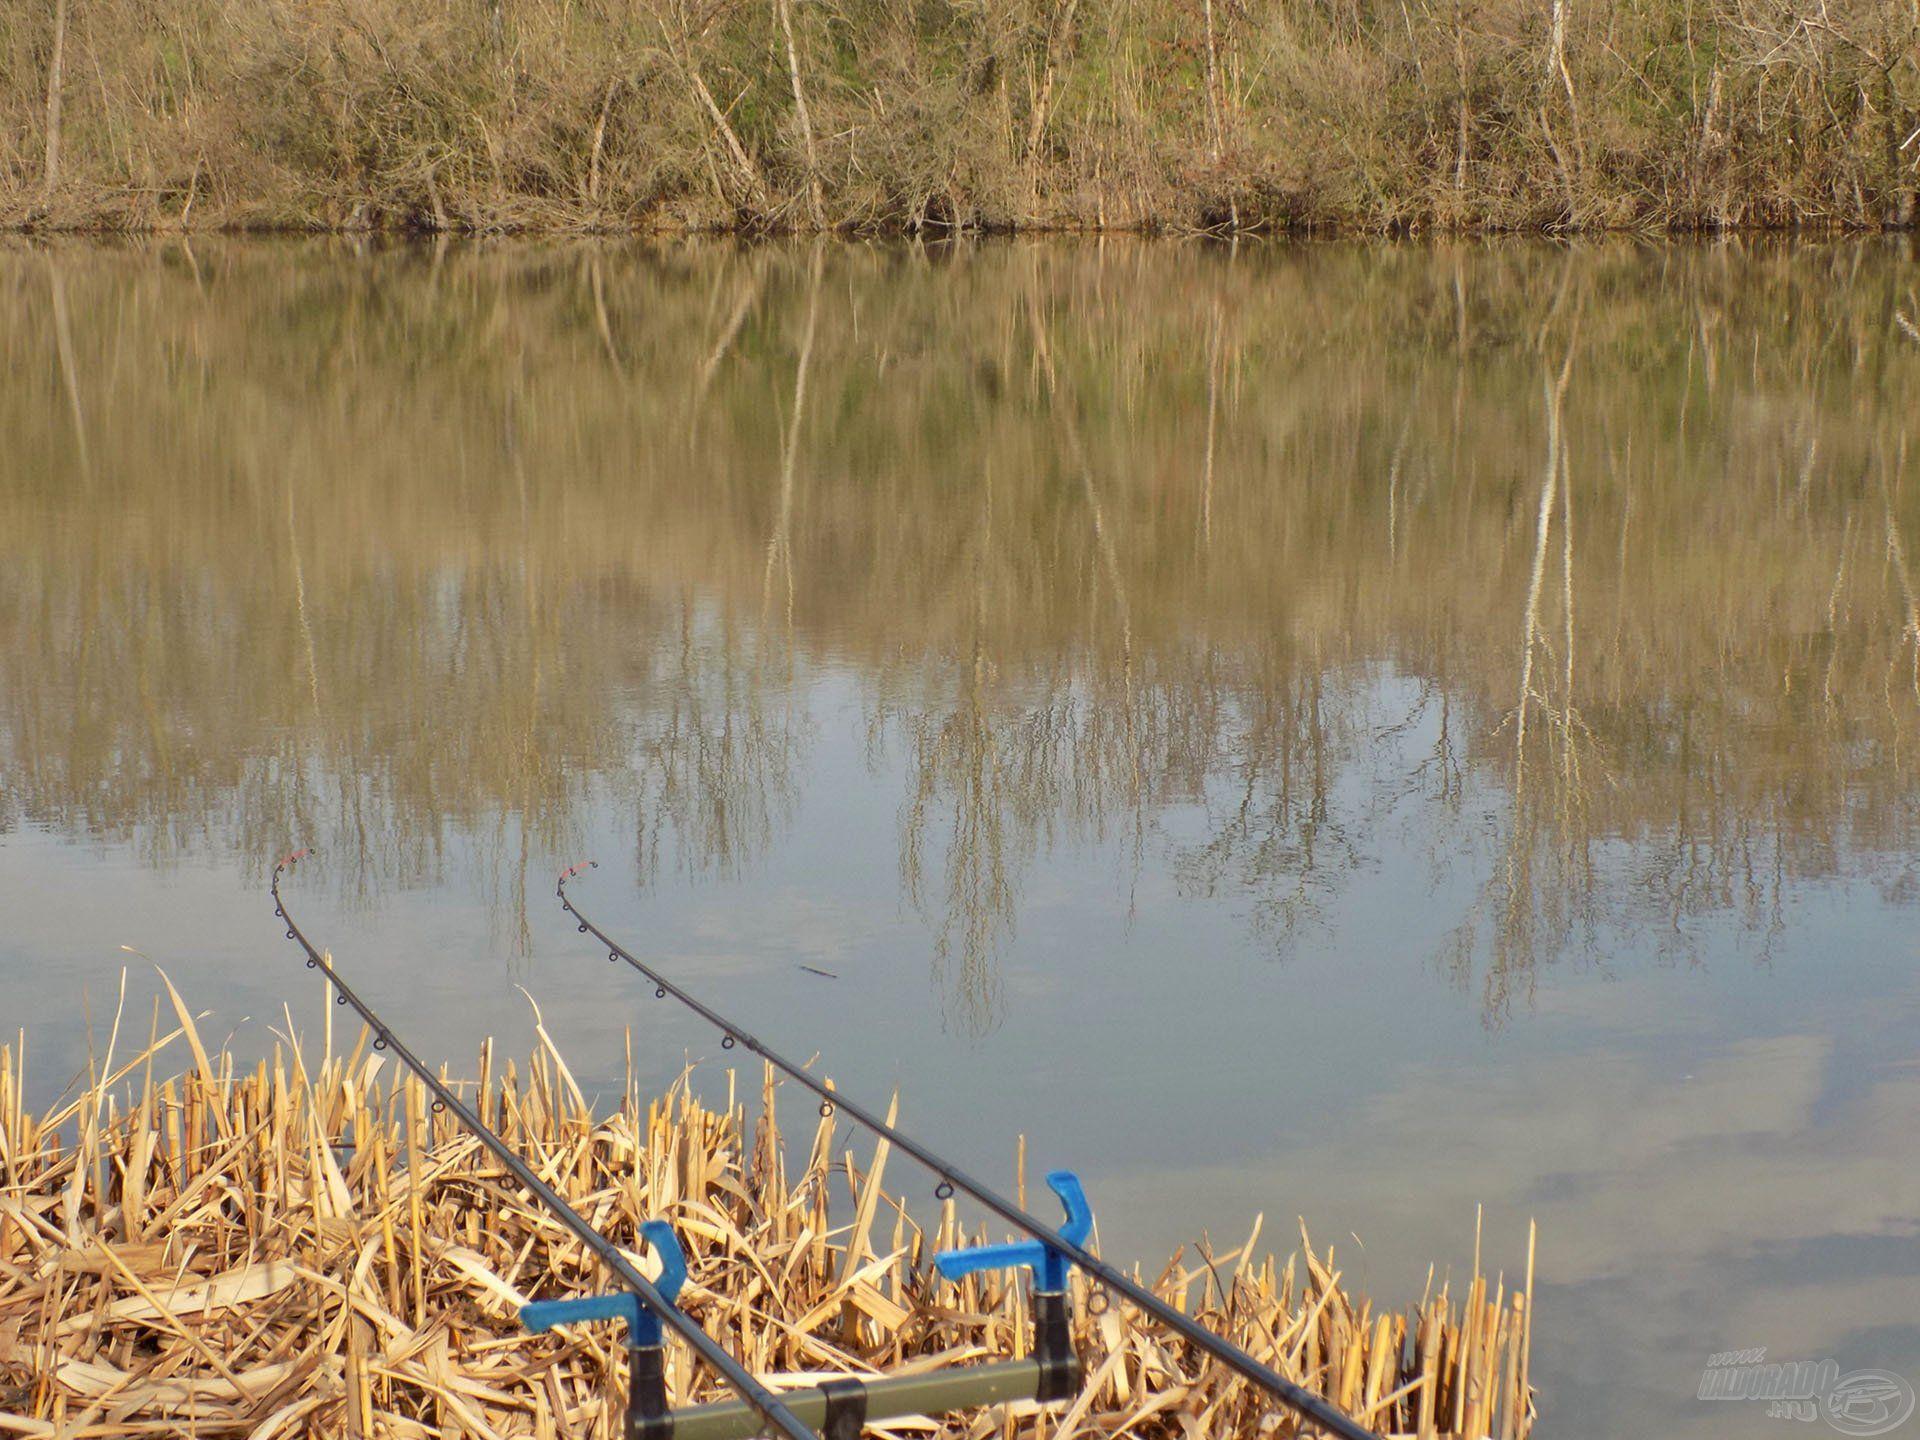 Csodálatos környezet fogadja a tóra érkező horgászokat, igazi vadregényes vízterület, ahol élmény még a kapásra várakozni is. Feederbotjaim beélesítve vártak az első rezdülésre